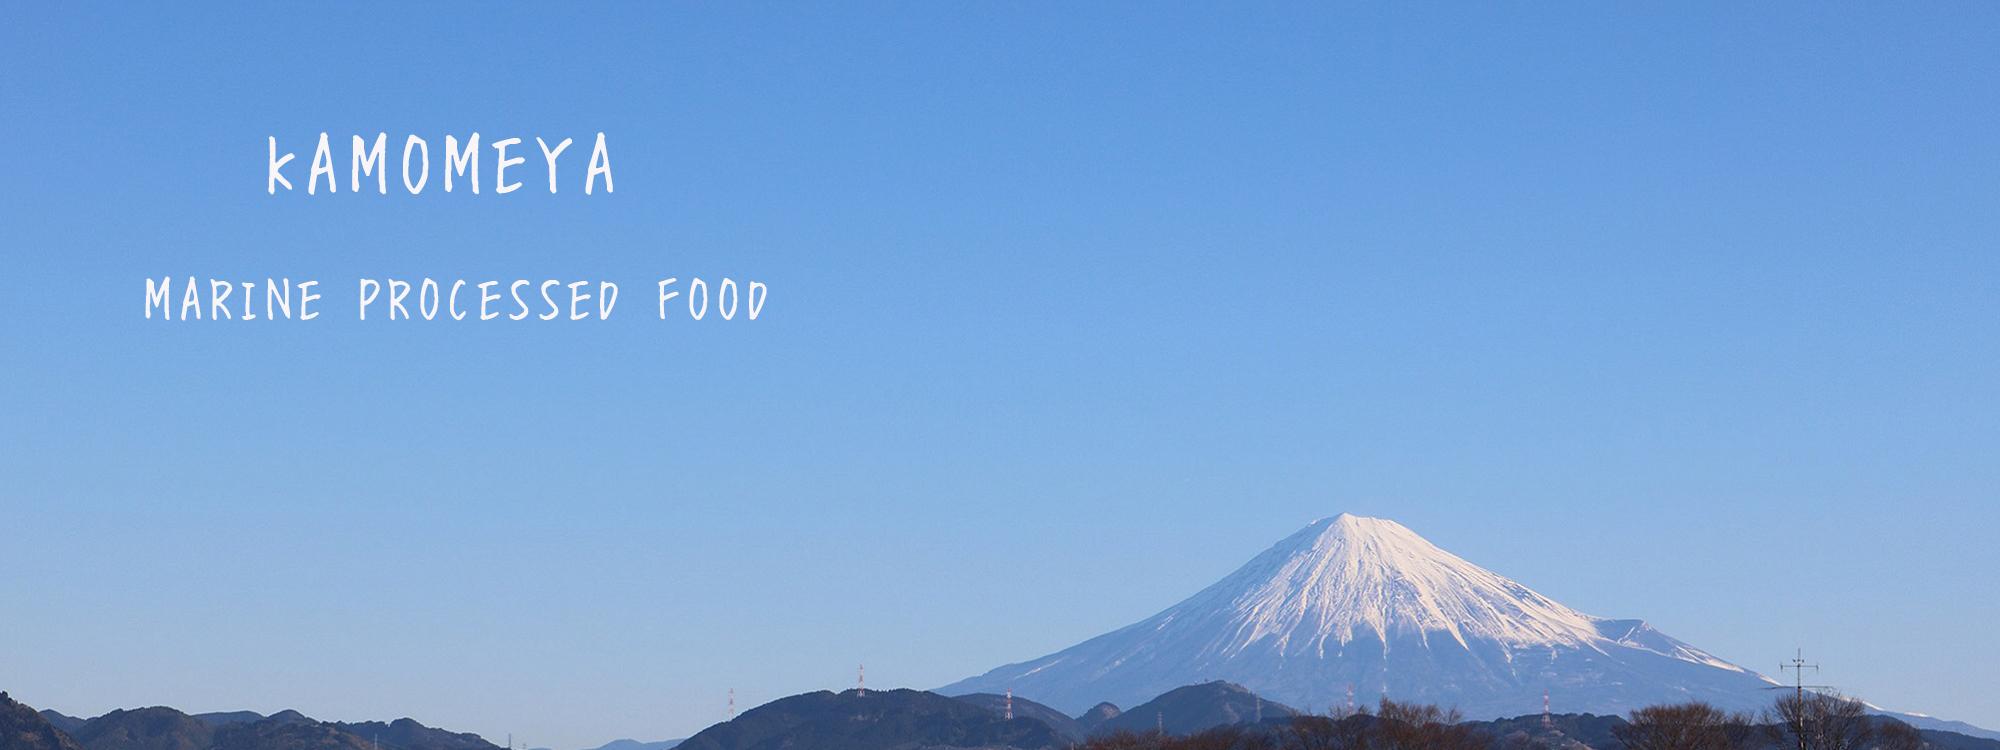 株式会社かもめ屋 静岡|添加物・化学調味料不使用の水産加工品